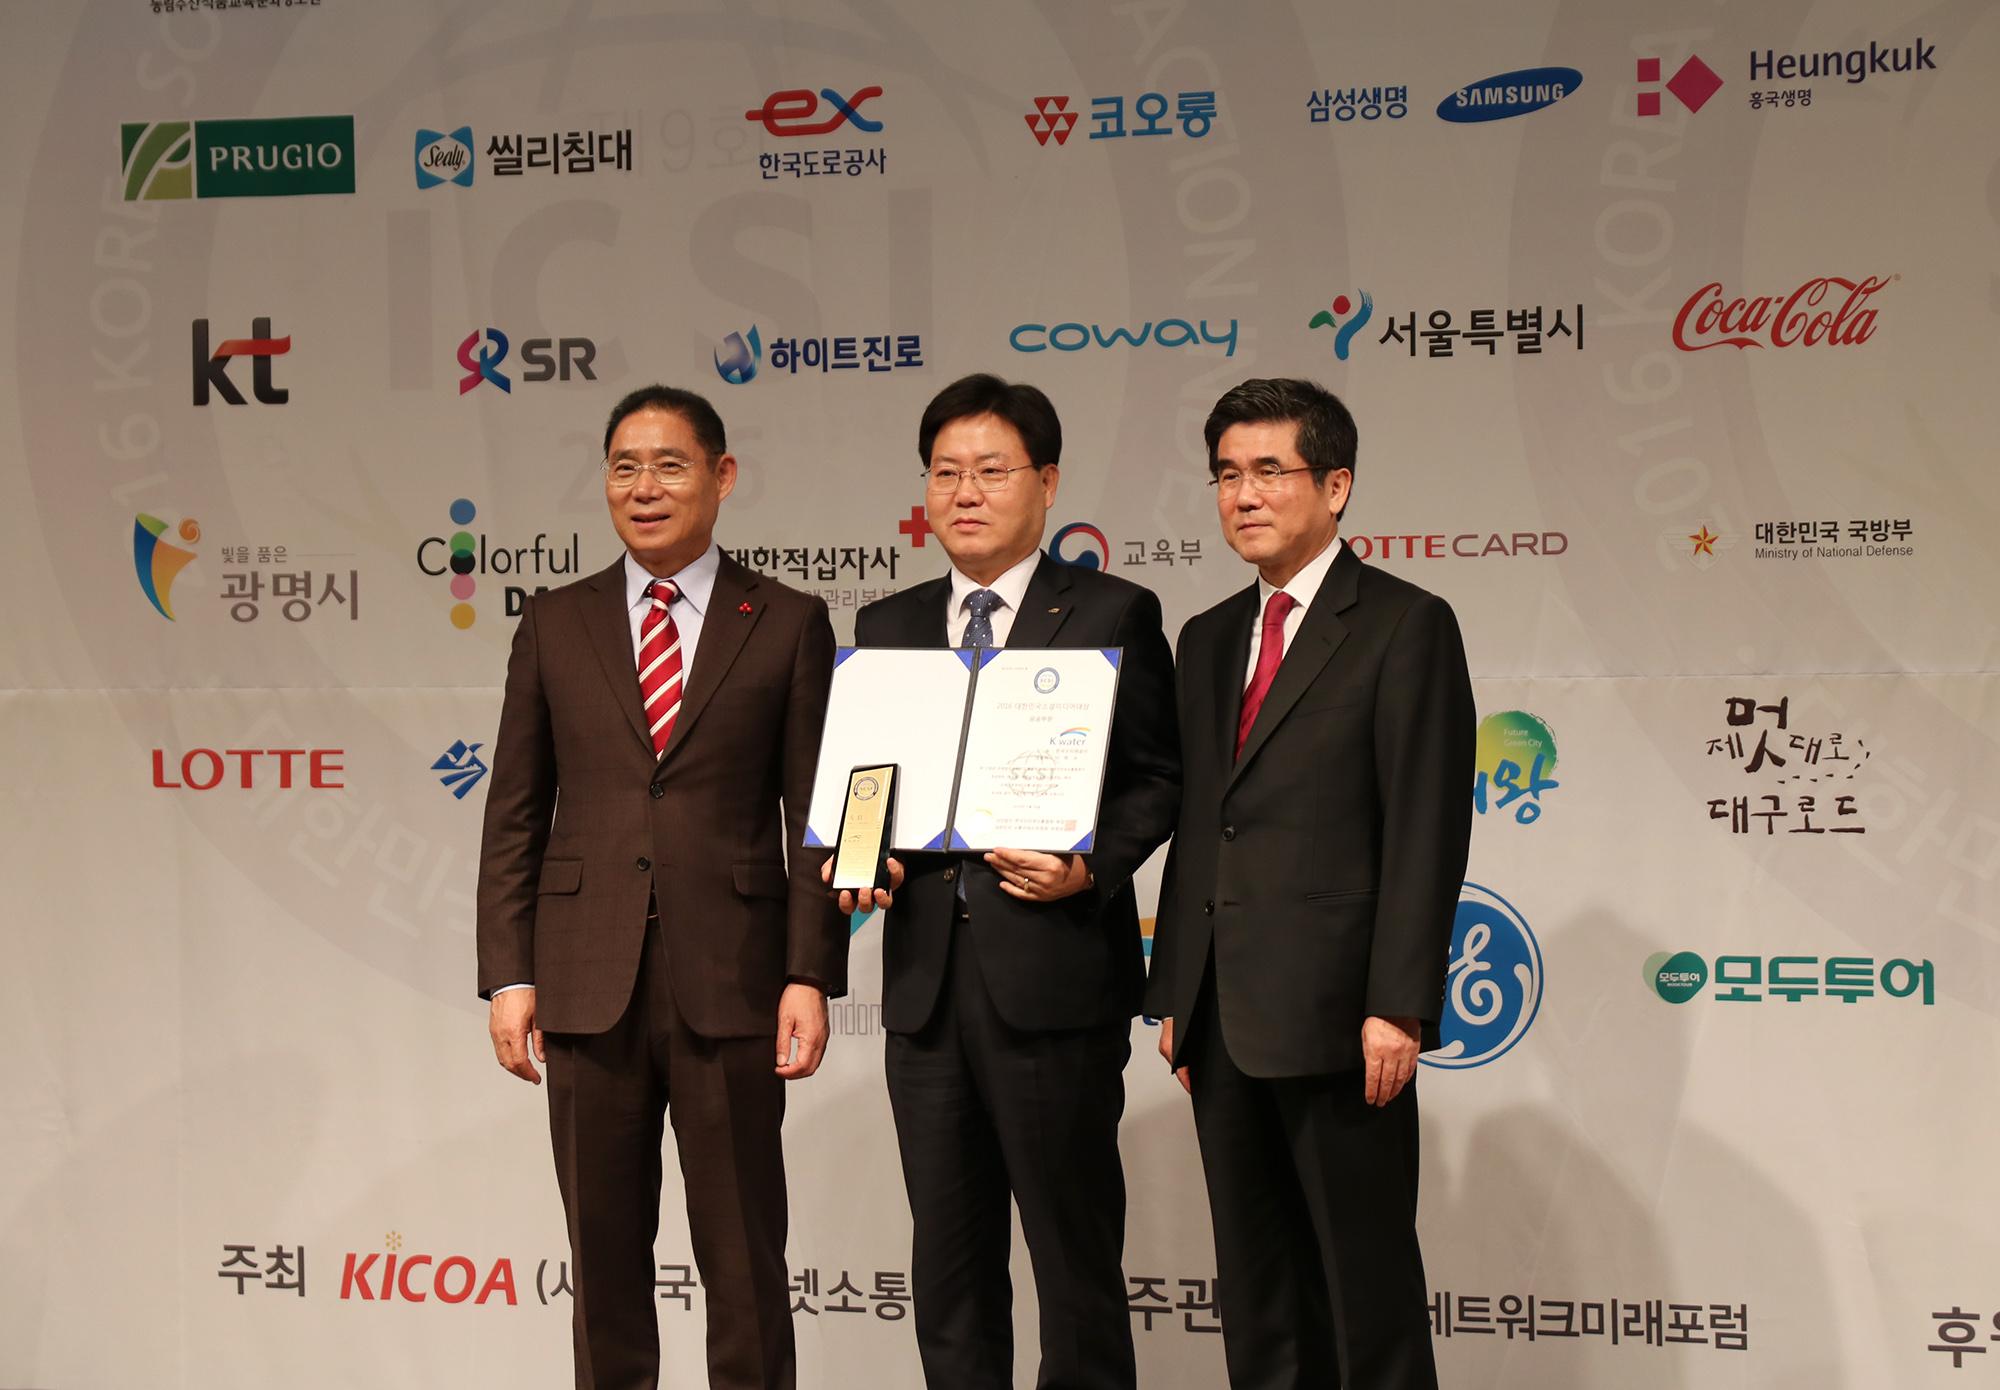 디지털로 소통하다! K-water 대한민국소셜미디어대상 공공부문 수상!